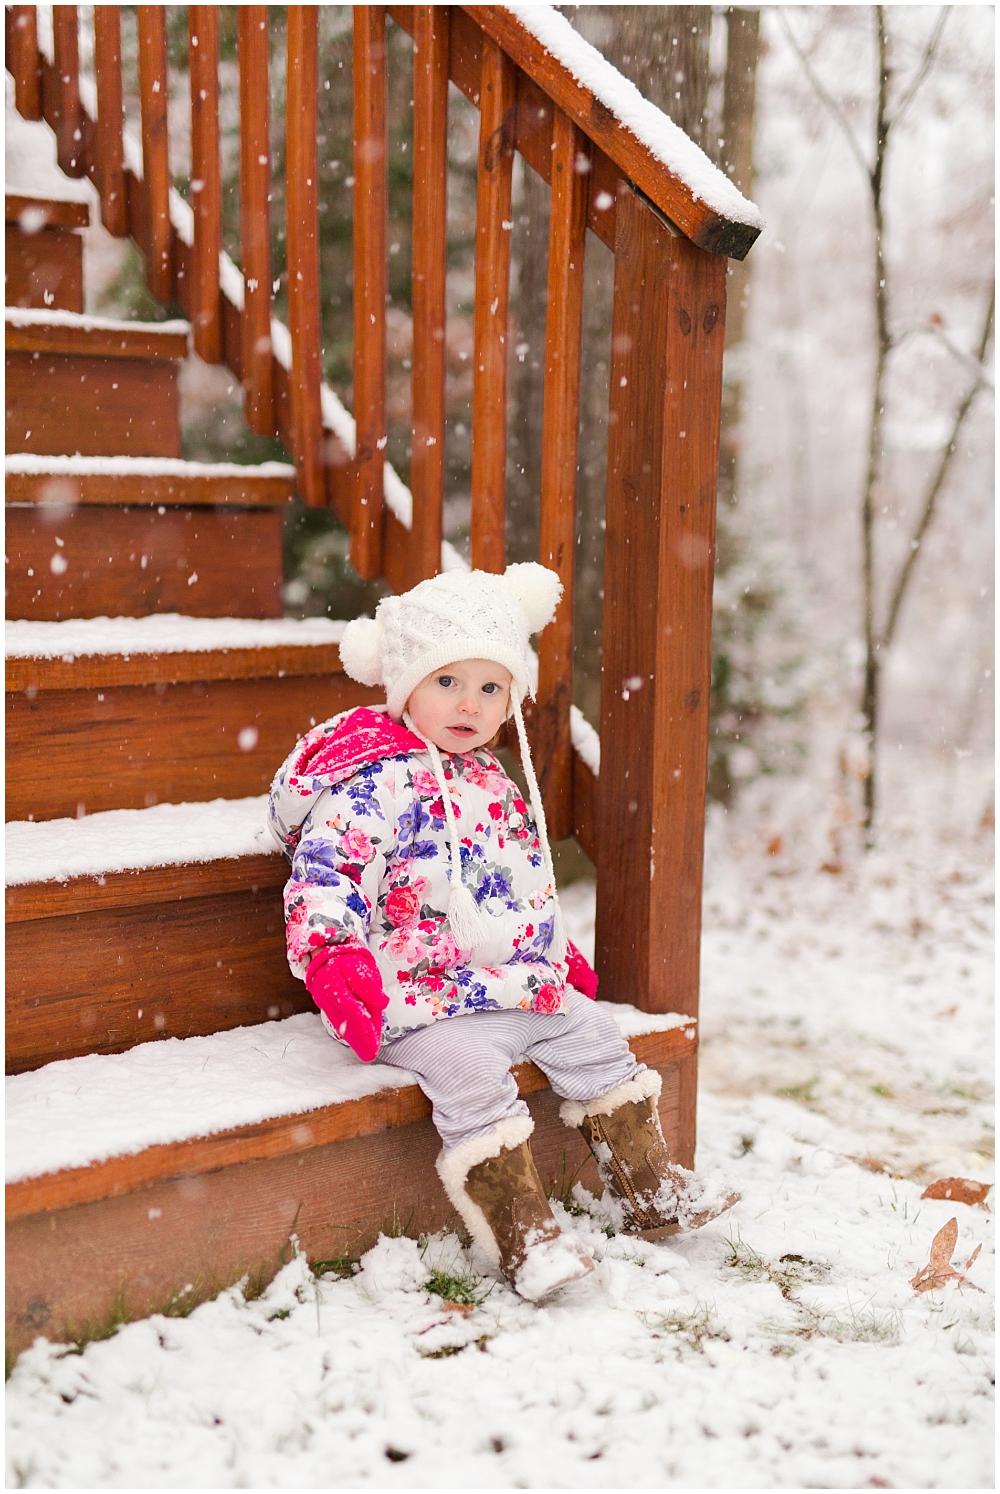 Snow_0014.jpg